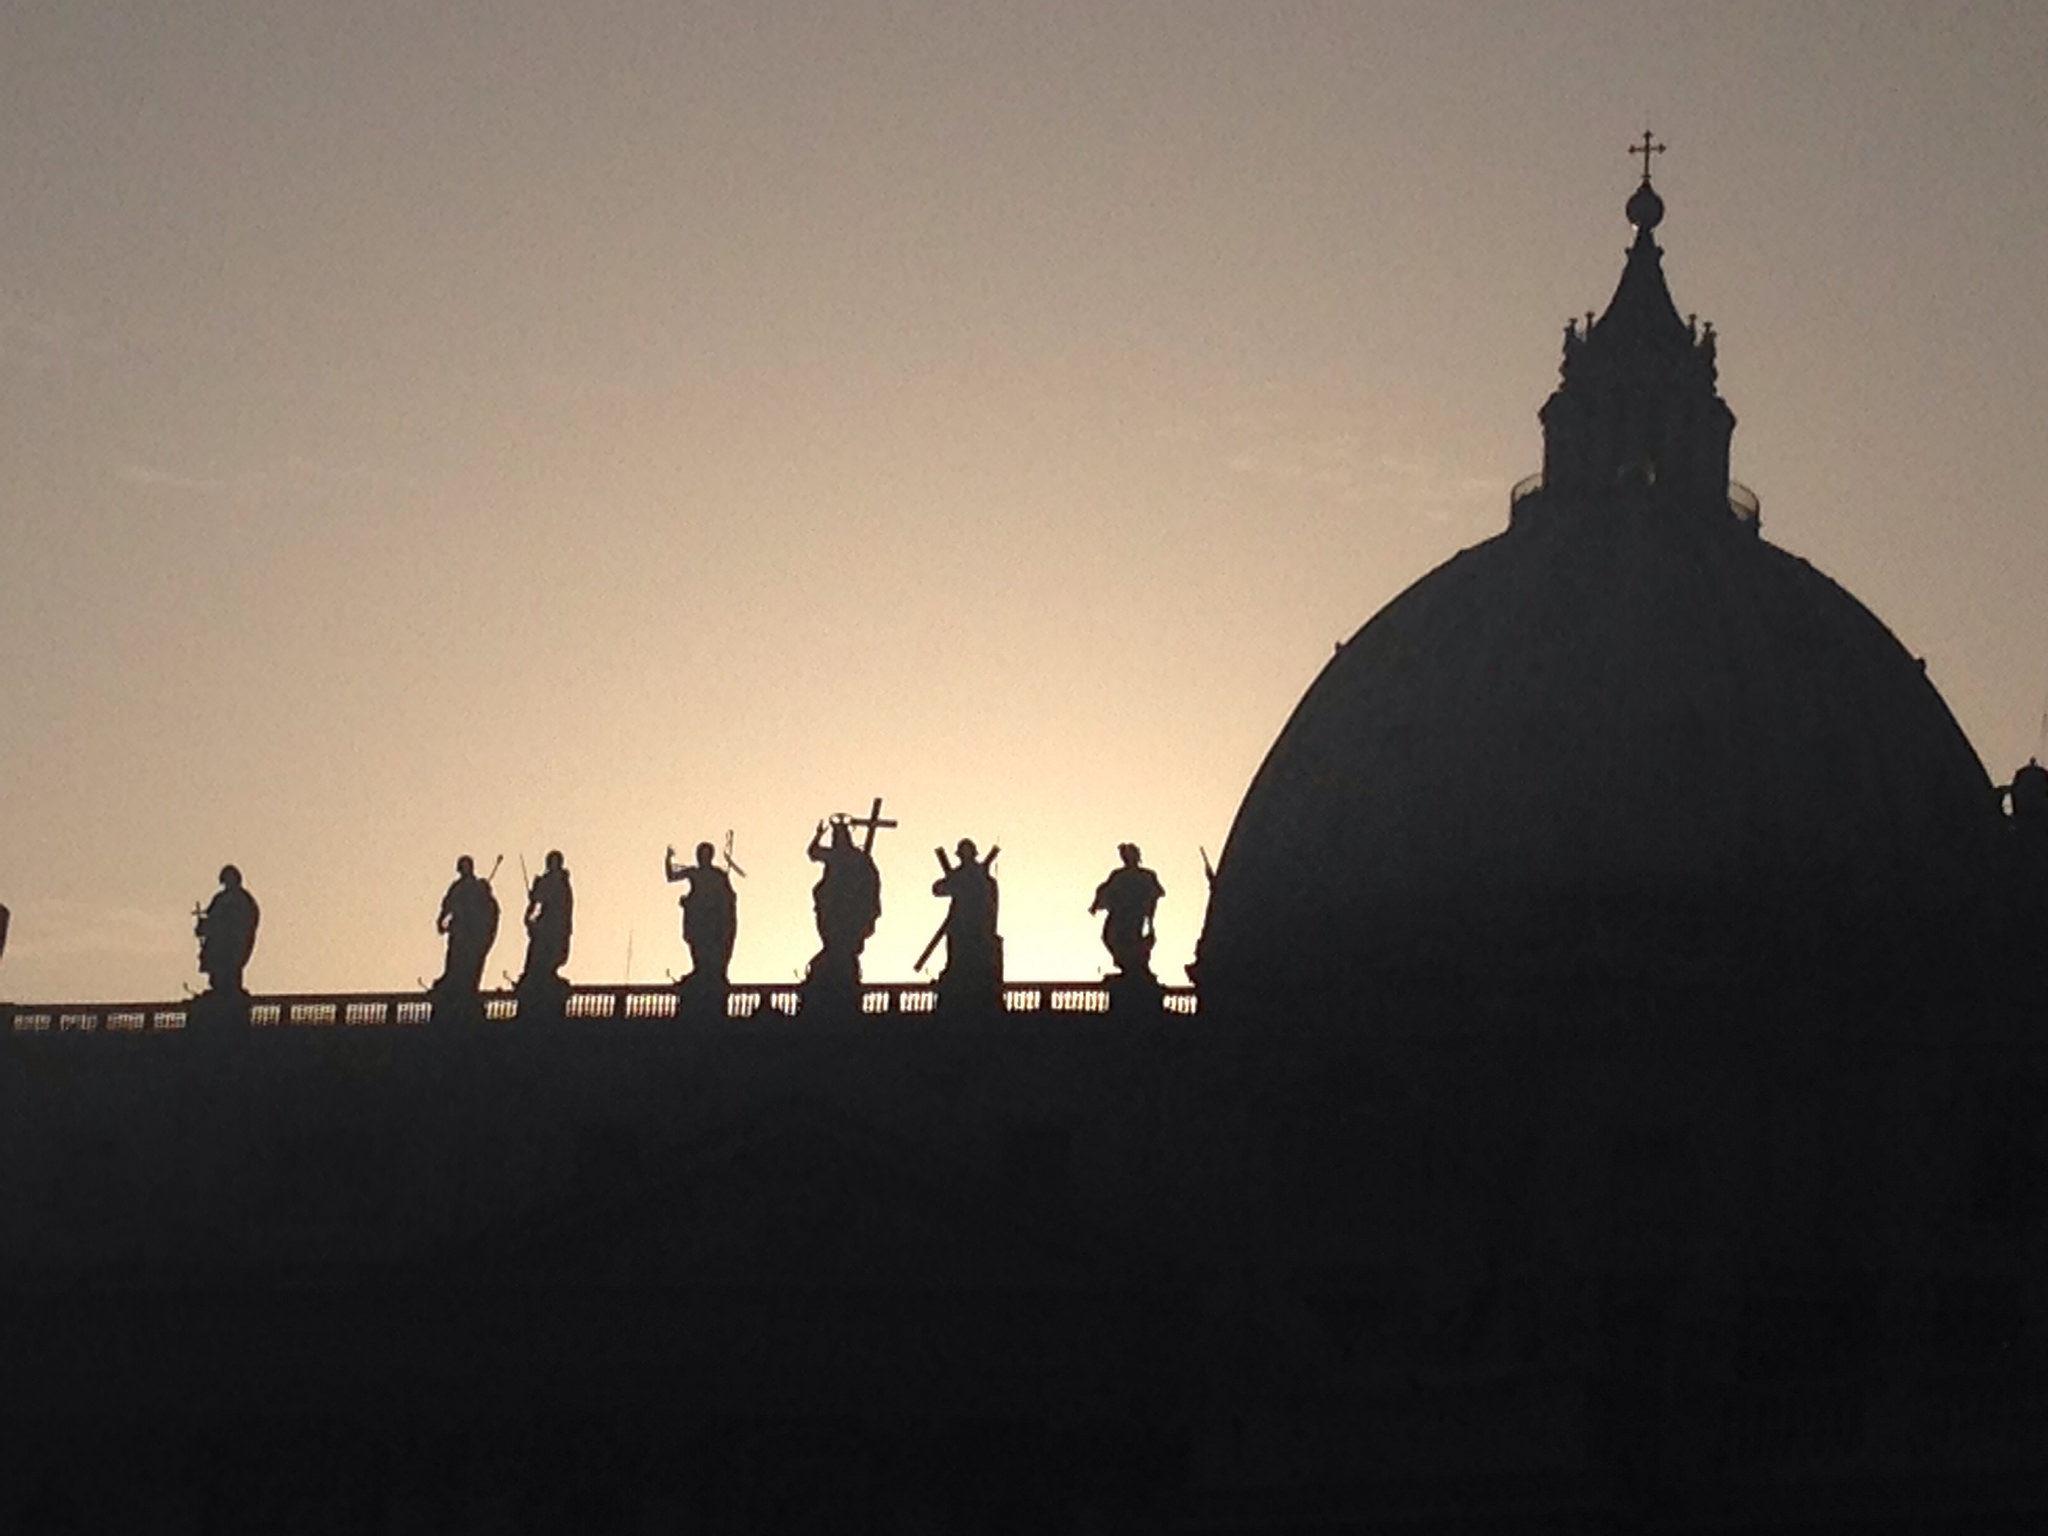 Alba dietro il profilo della Cupola di San Pietro a Roma